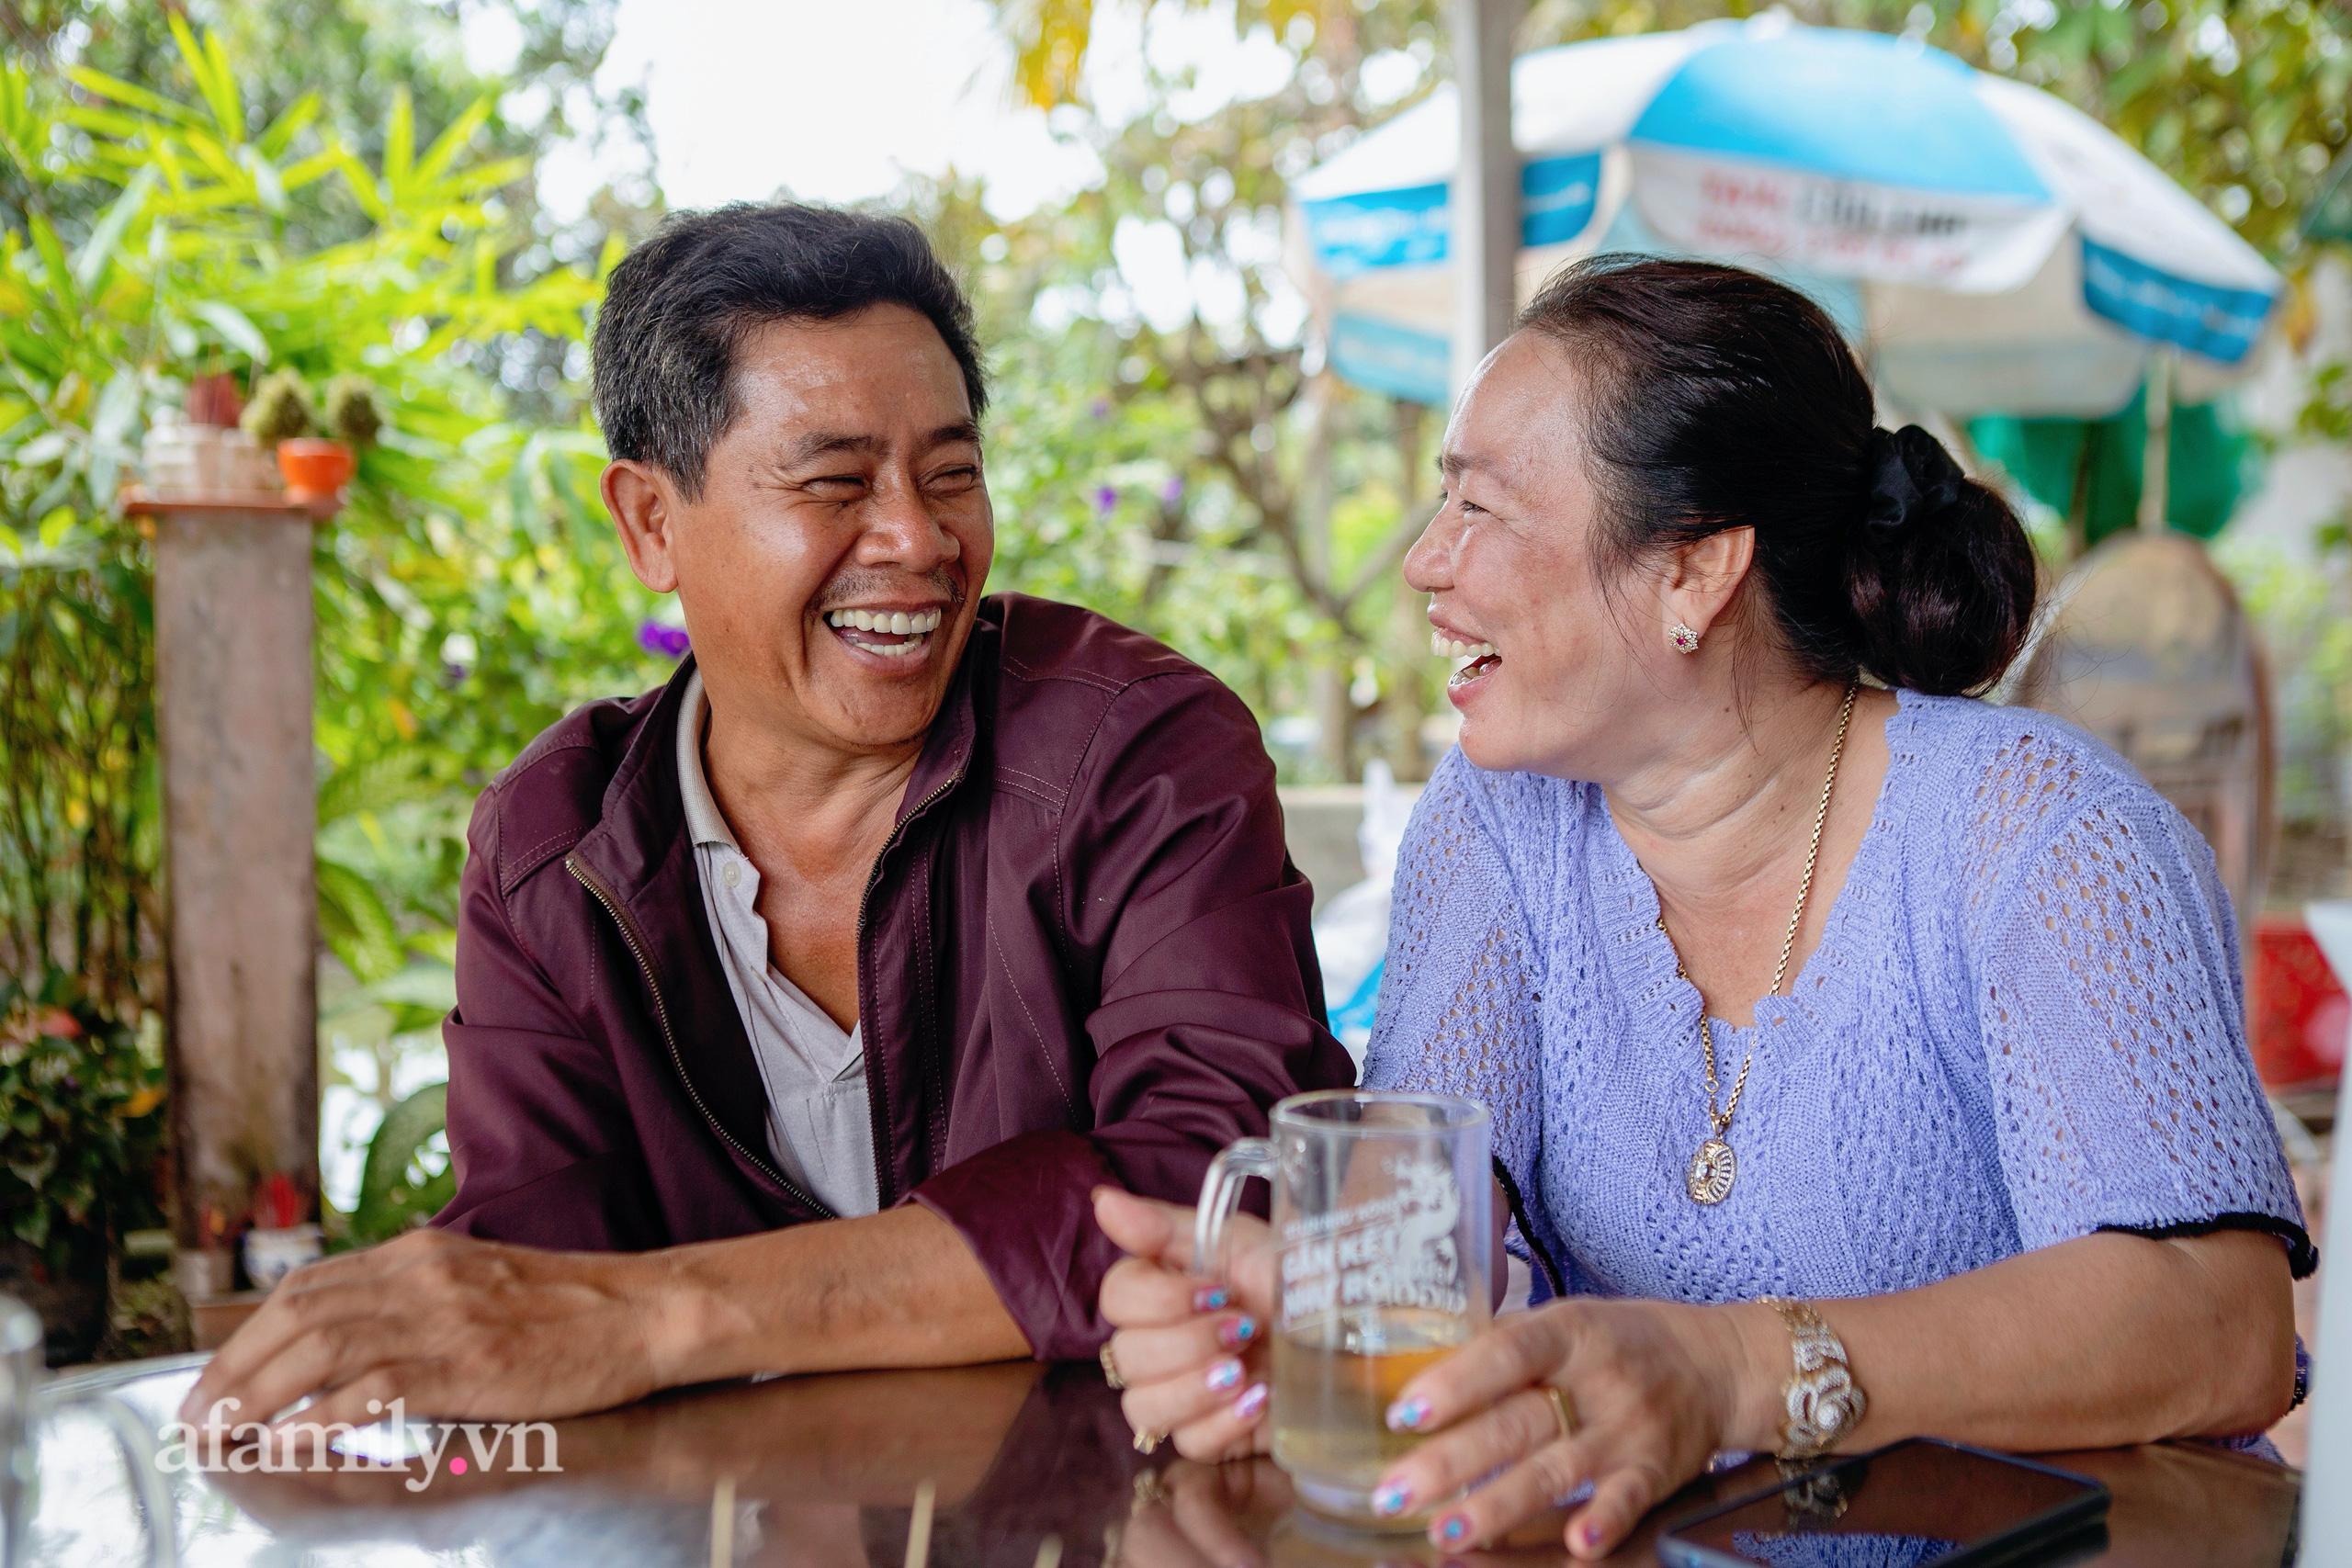 """Ly kỳ chuyện hàng nghìn con cá lóc """"biết bay"""" trên Cồn Sơn và chuyện tình yêu đẹp như cổ tích của hai vợ chồng sấp xỉ 50 tuổi từ thời mở đất đến khi trở thành một """"nông dân giàu"""" - Ảnh 5."""